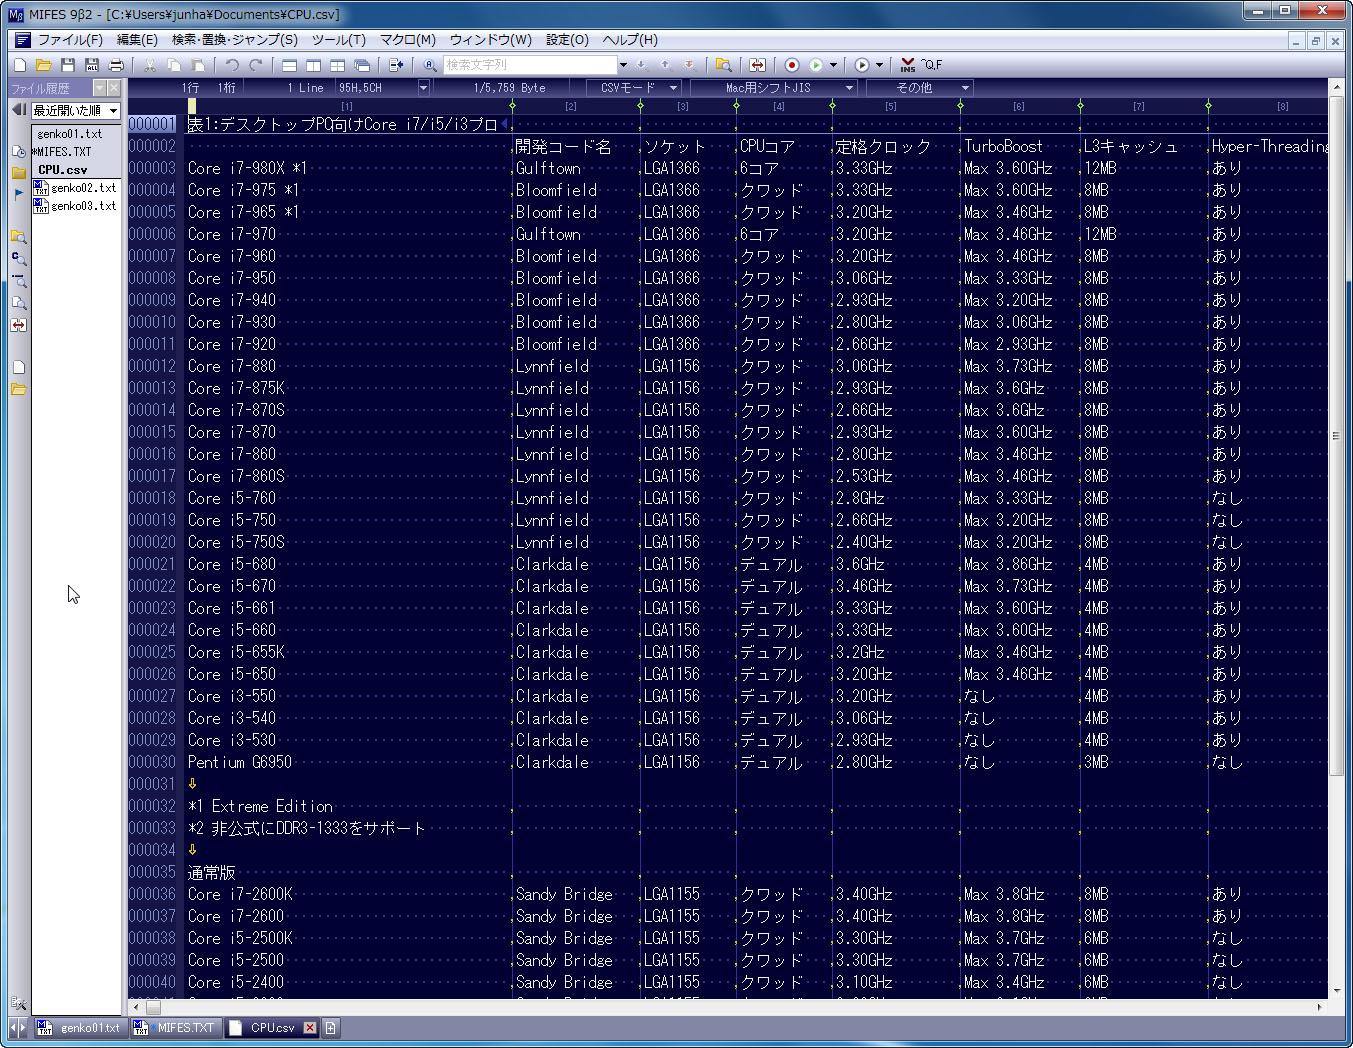 表示をCSVモードに切り替えると、表計算ソフトのようにセル単位の表示となり、セル単位での編集が可能になる